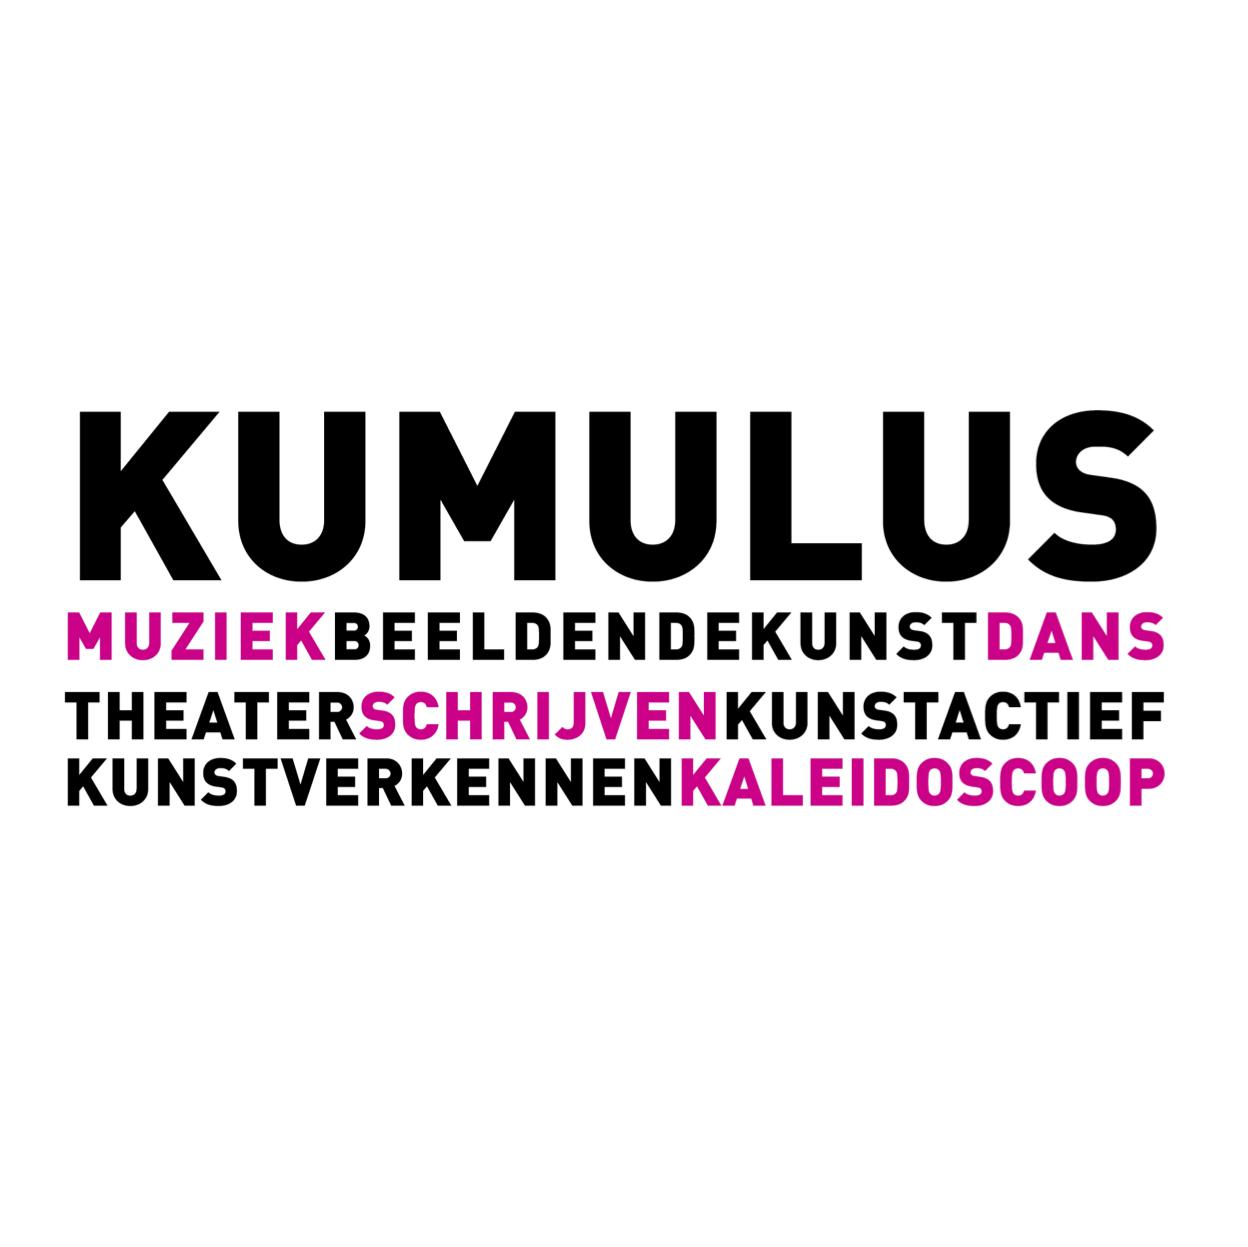 Mindnote client Kumulus